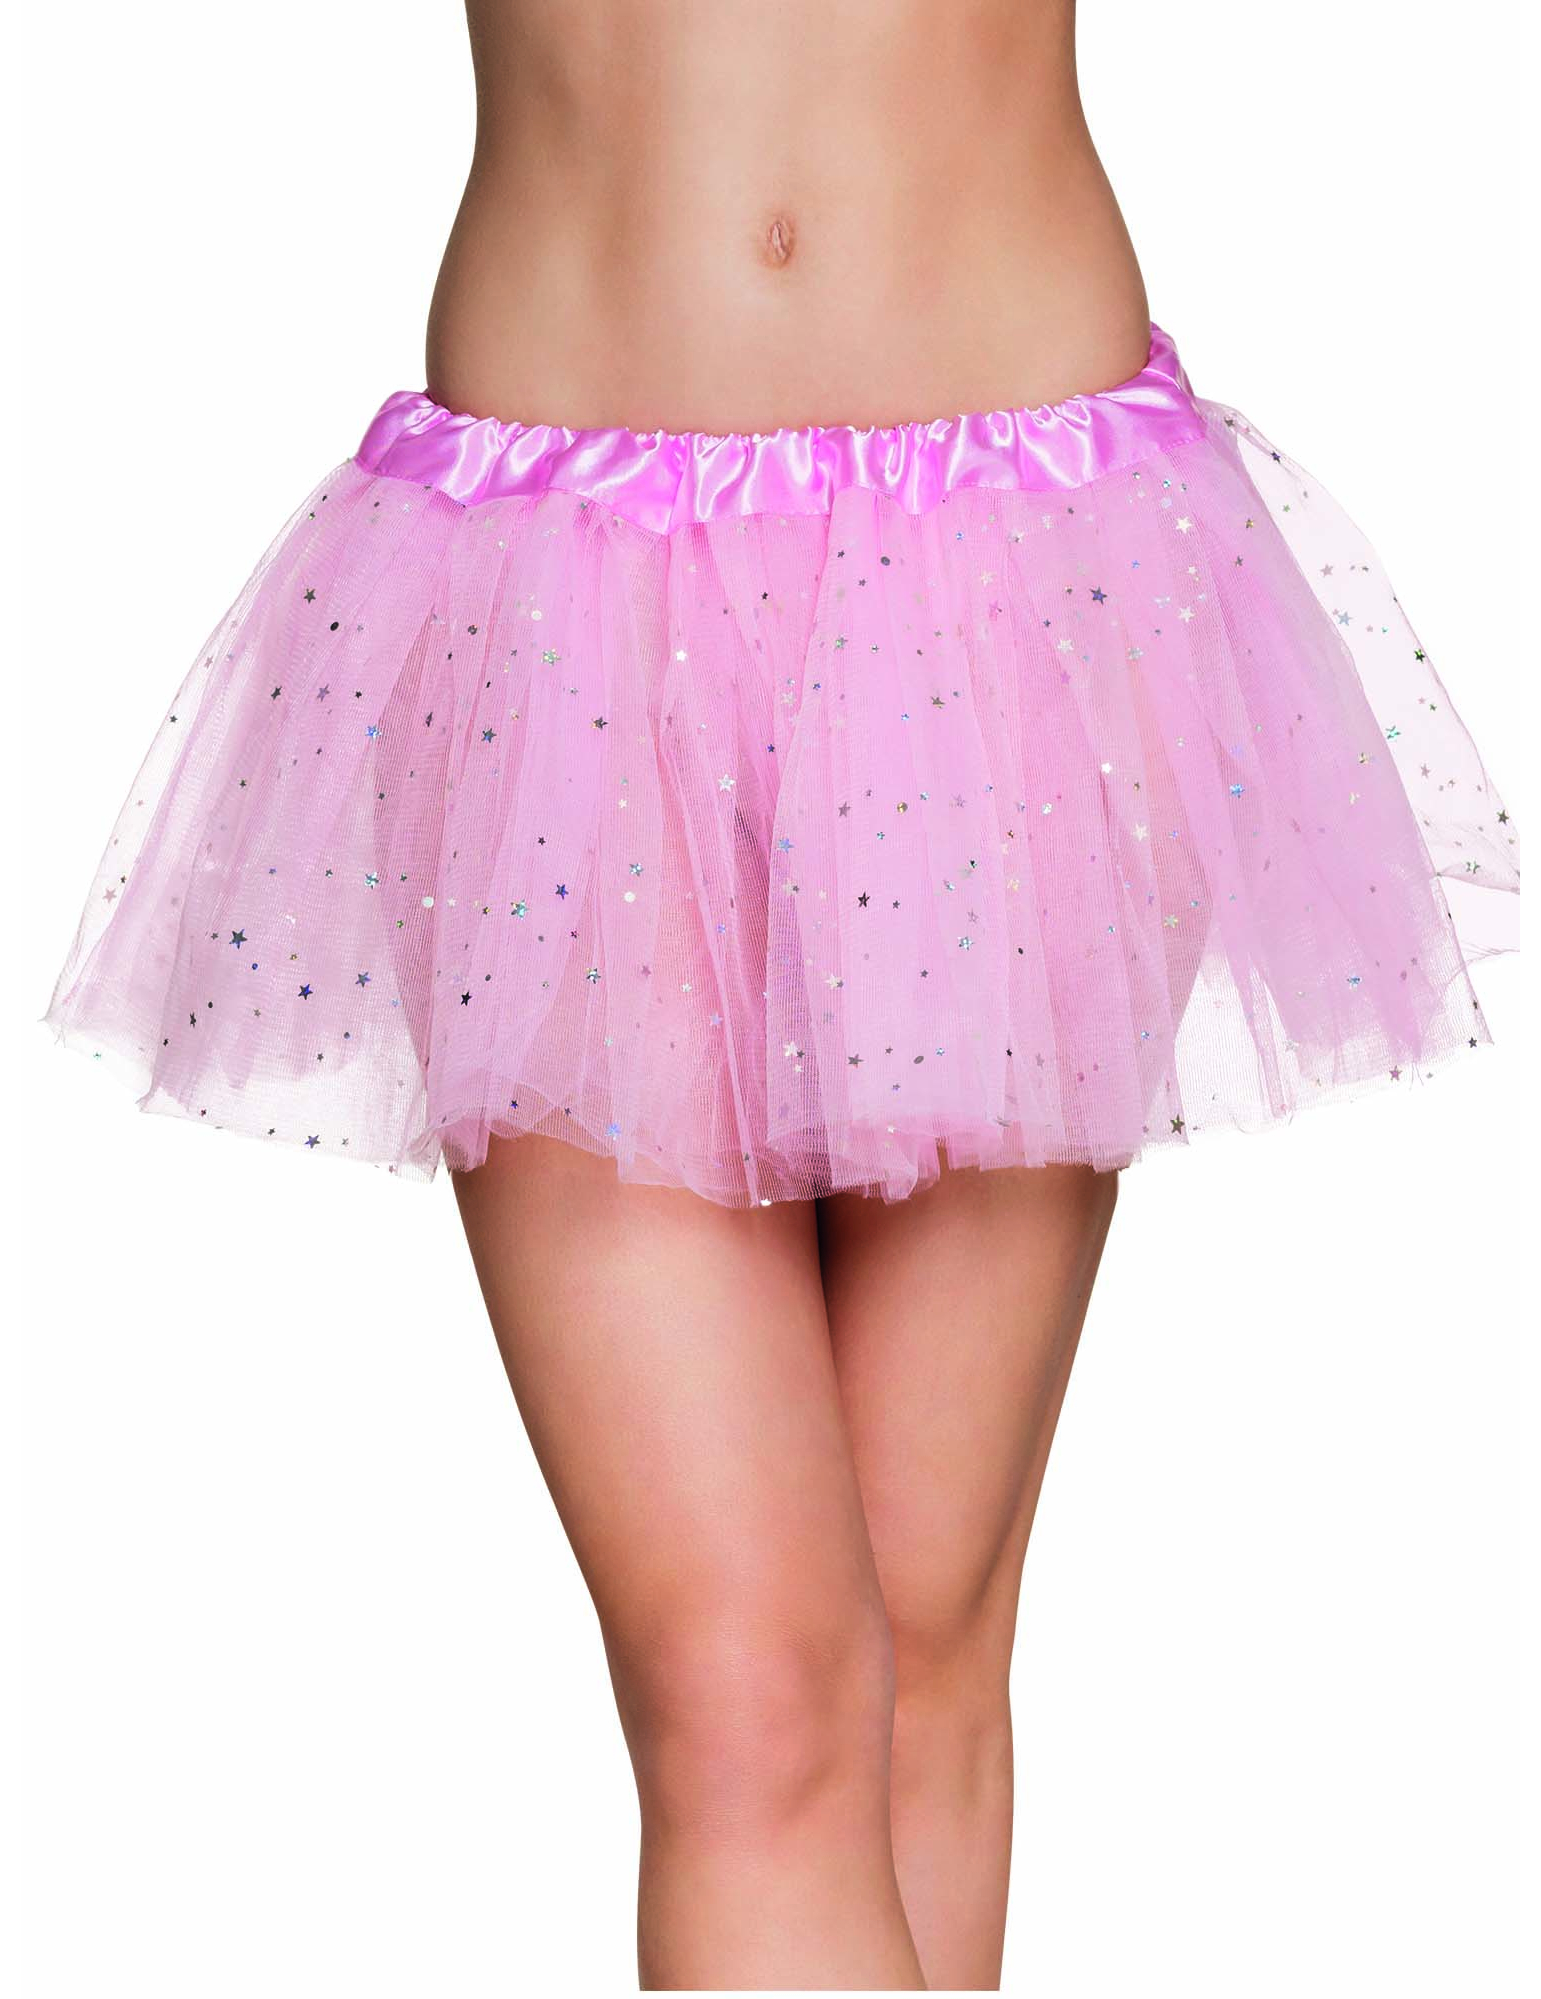 online retailer f9354 e0cd3 Süßer Tüllrock Fee Tutu mit Sternchen für Damen rosa-silber